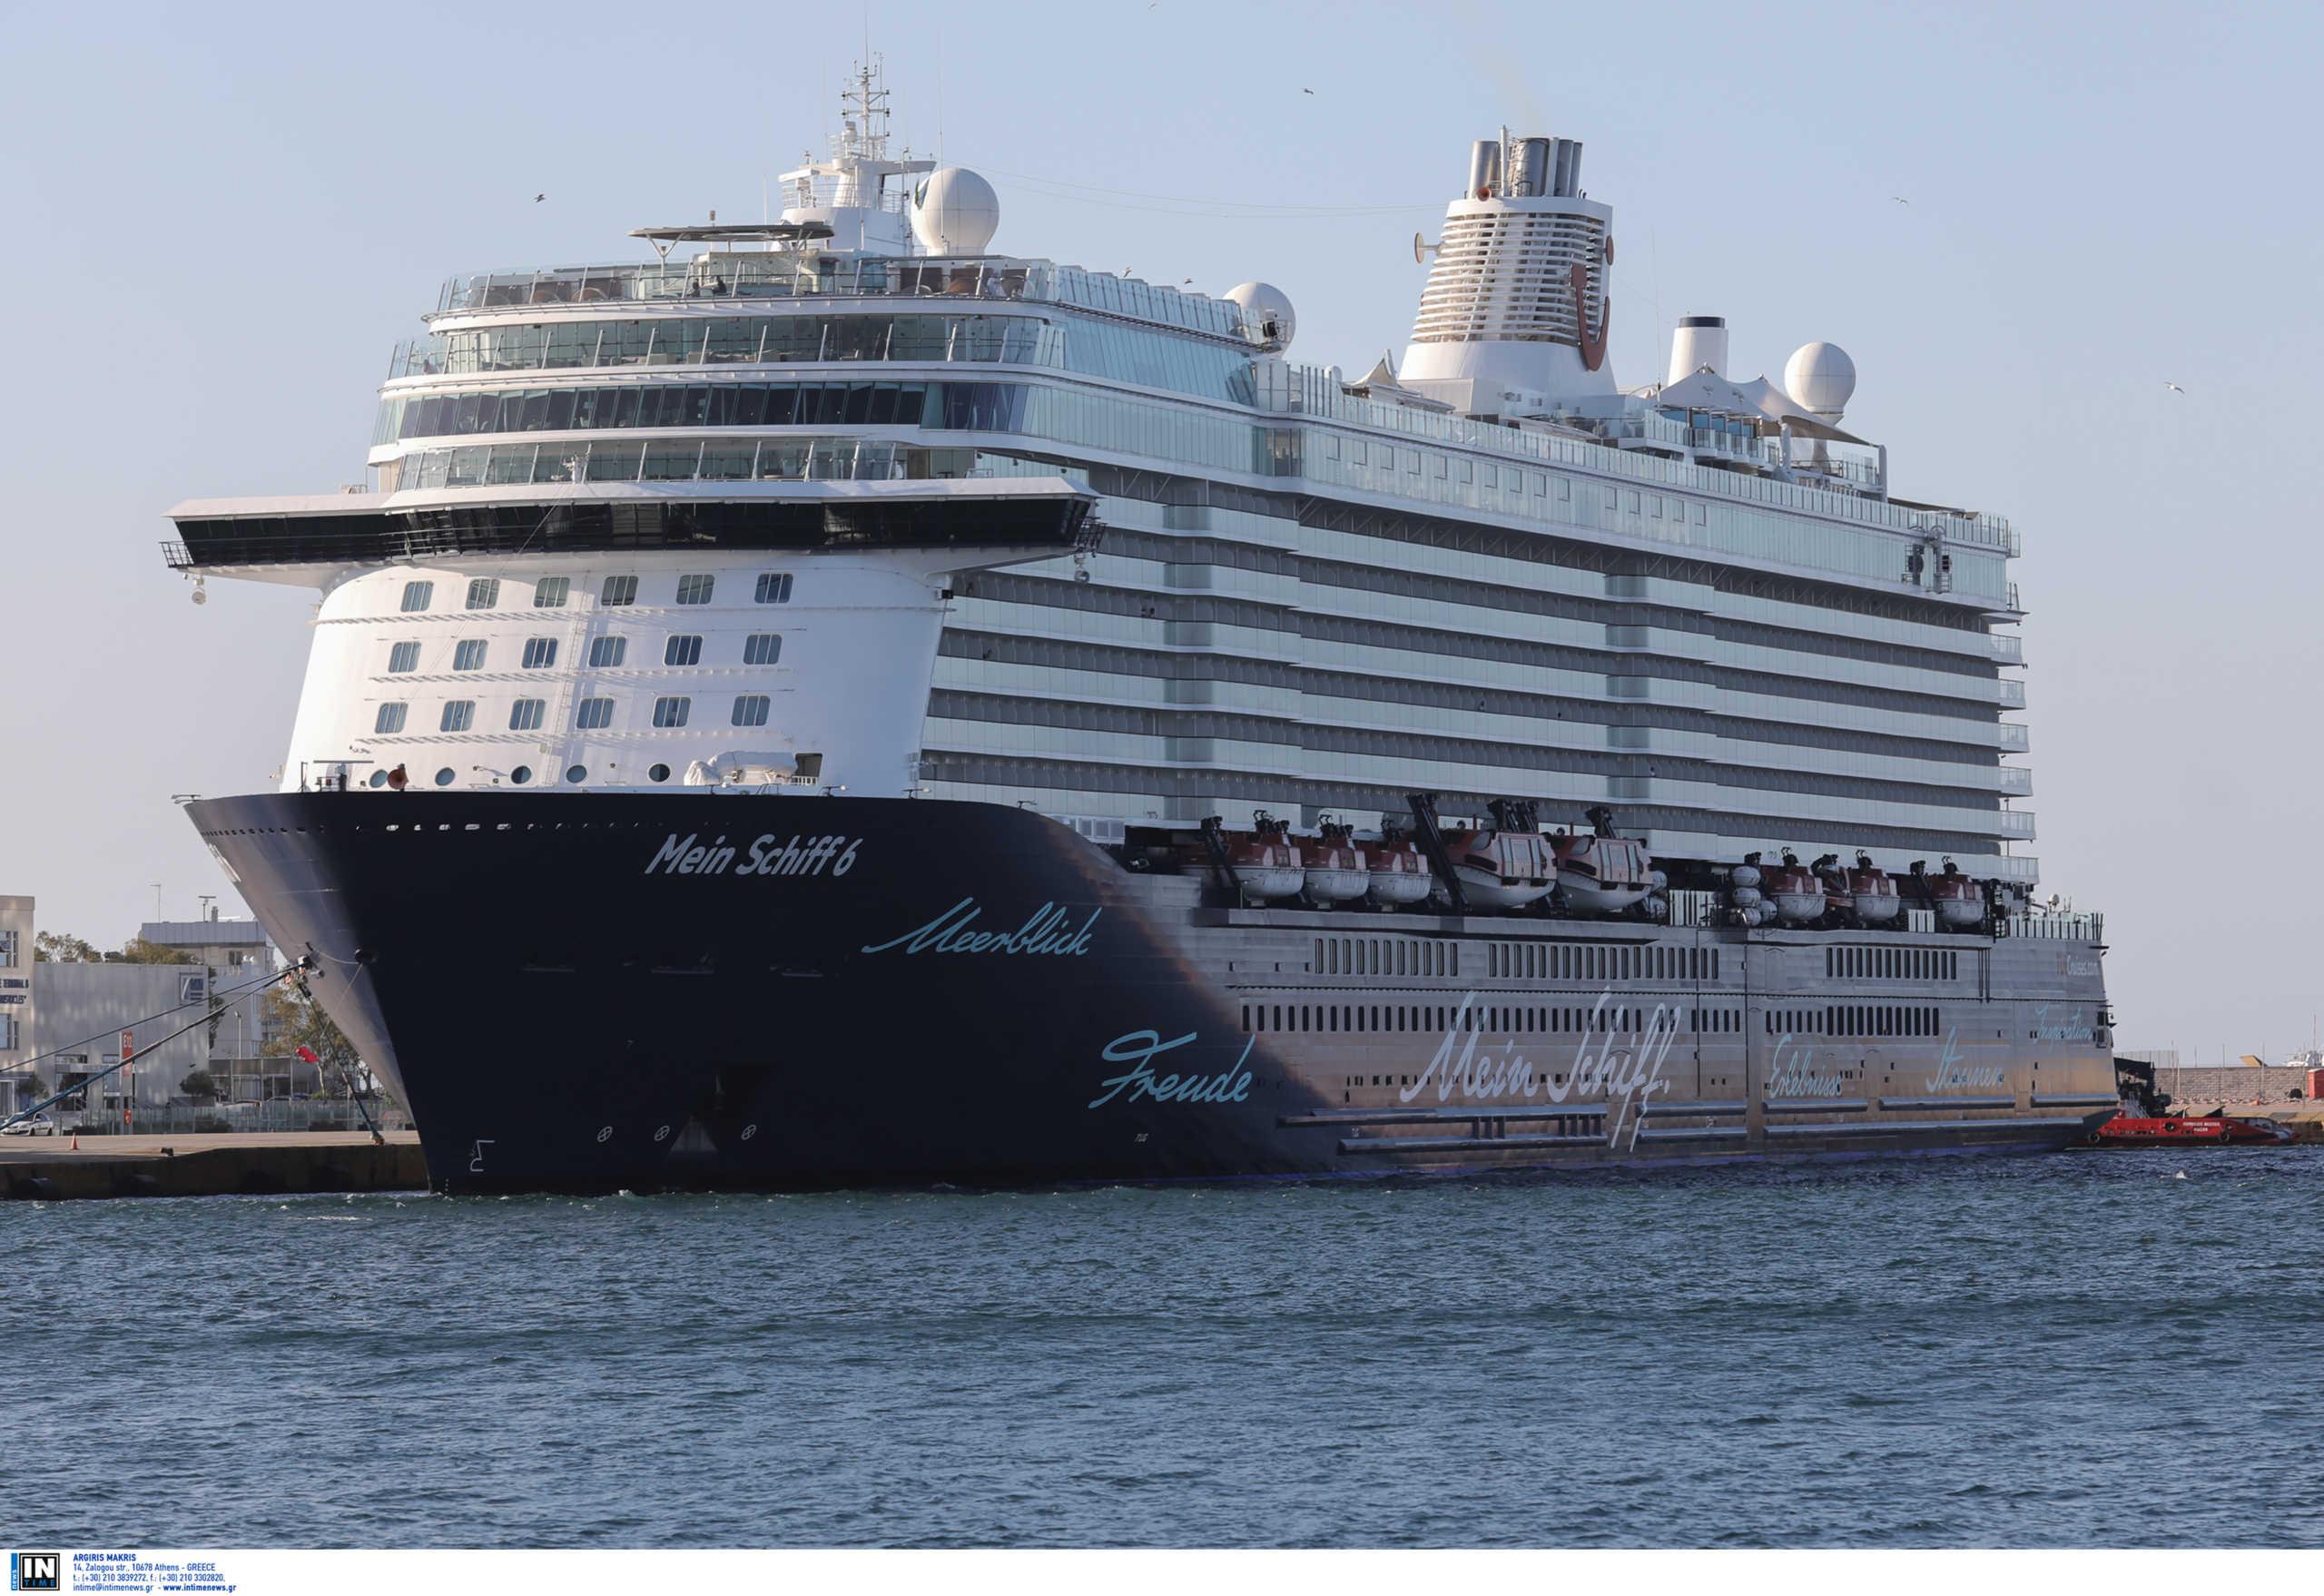 Στο 100% των επιβατών και πληρωμάτων κρουαζιερόπλοιων τεστ κορονοϊού